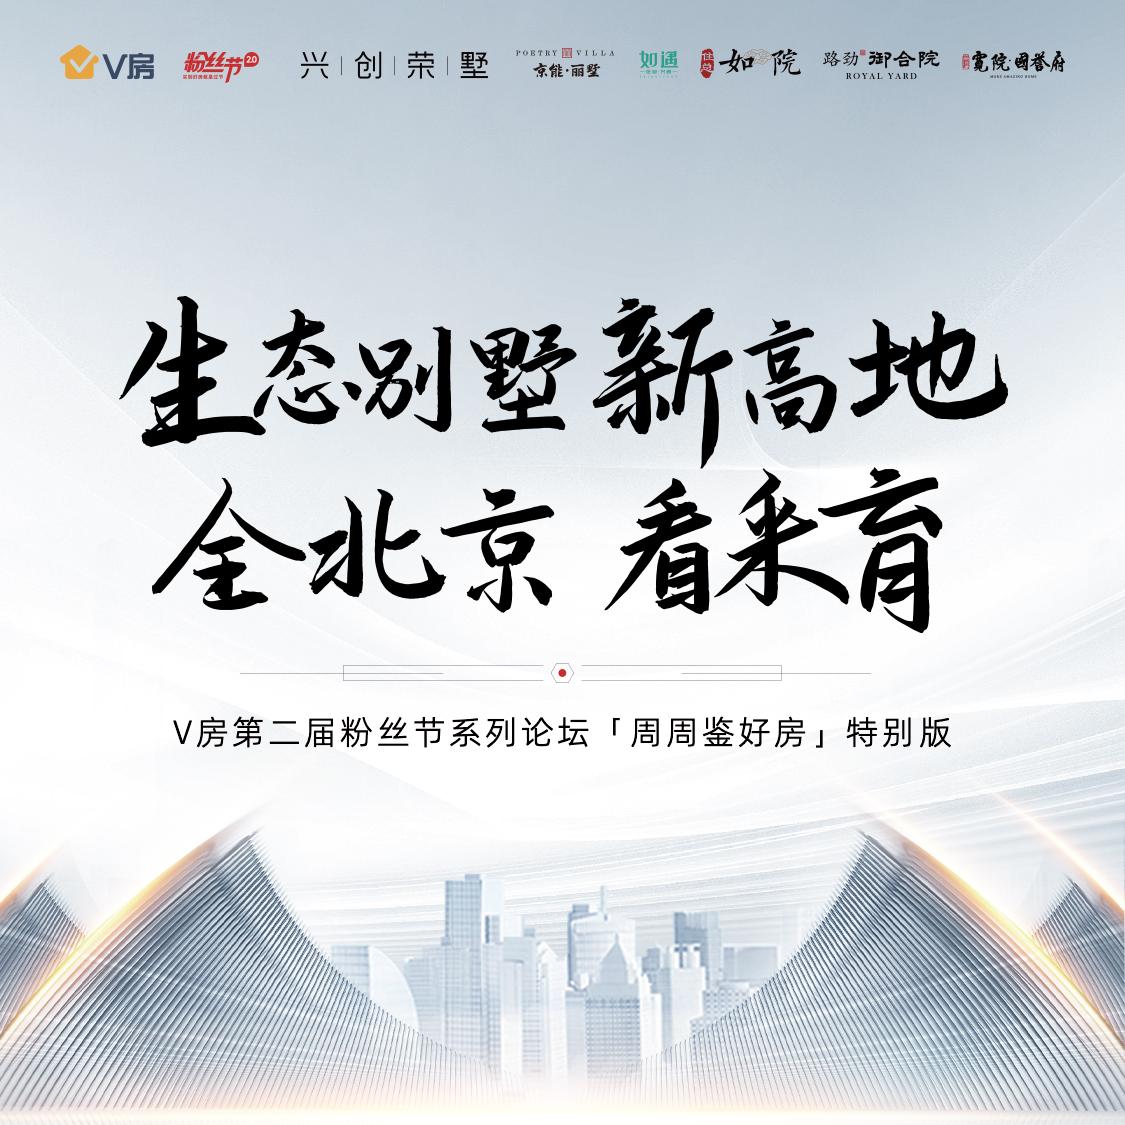 生态别墅新高地 全北京 看采育